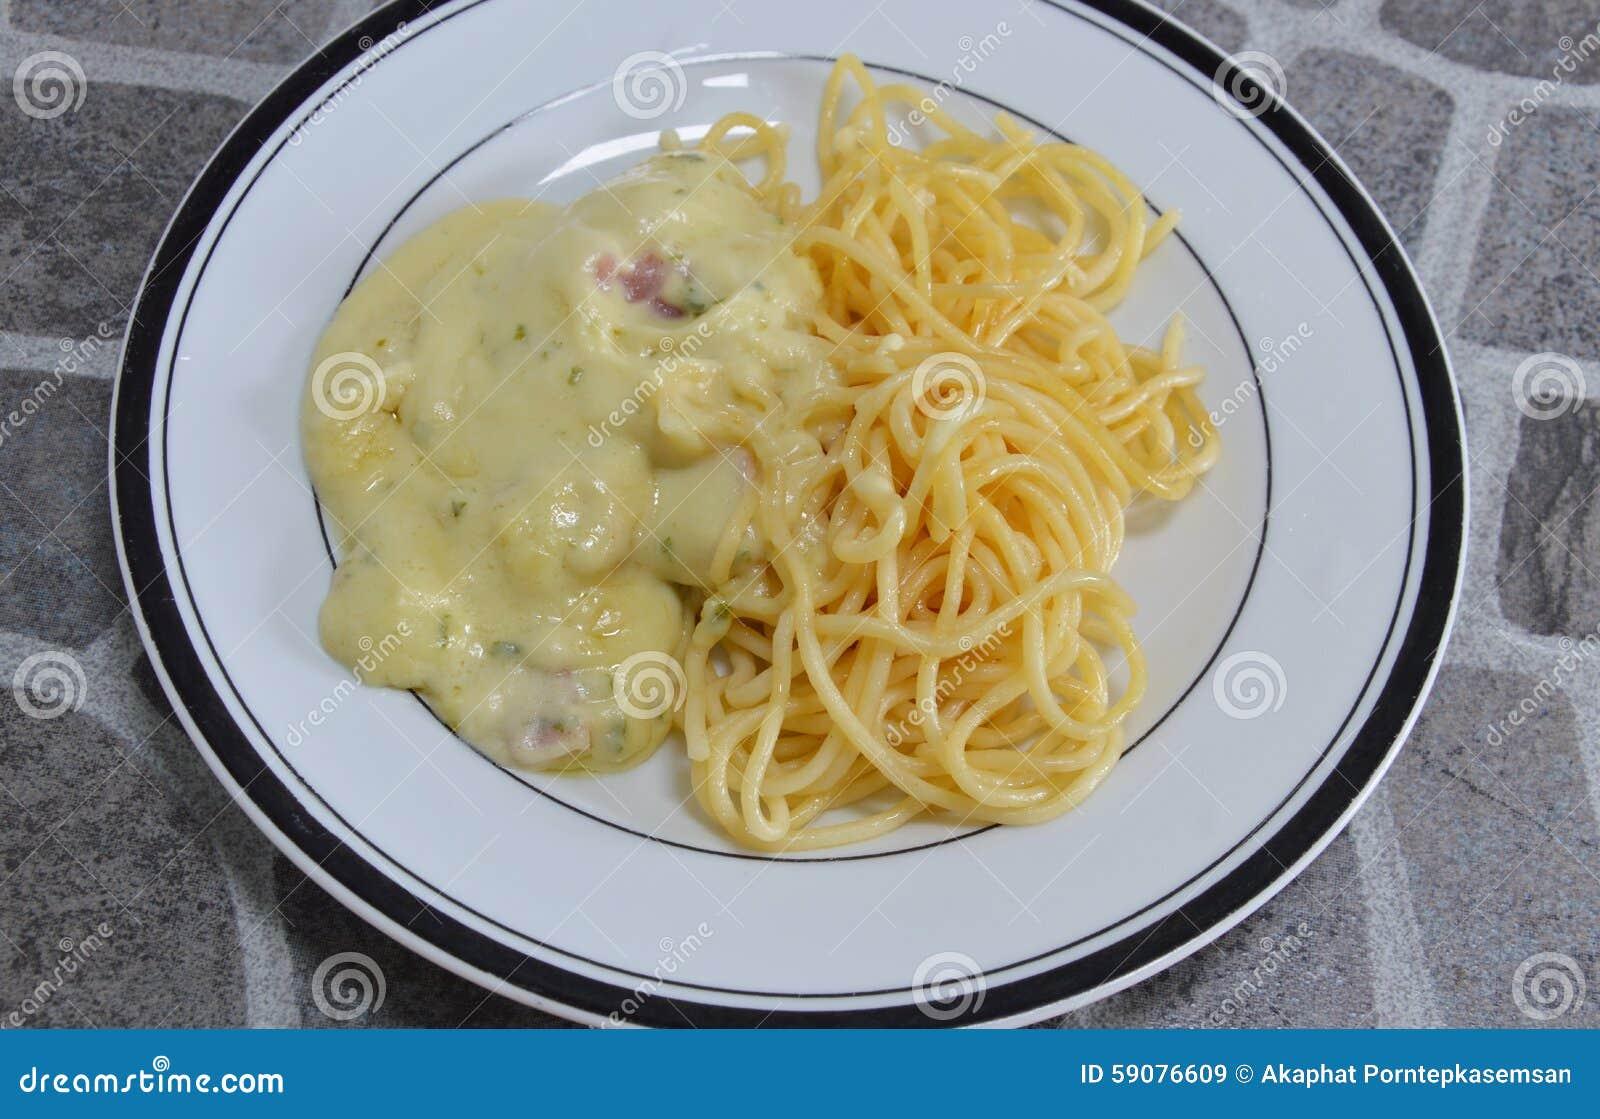 Μακαρόνια που ντύνουν την άσπρη σάλτσα τυριών στο πιάτο Στοκ Εικόνα ... ea7067e4498